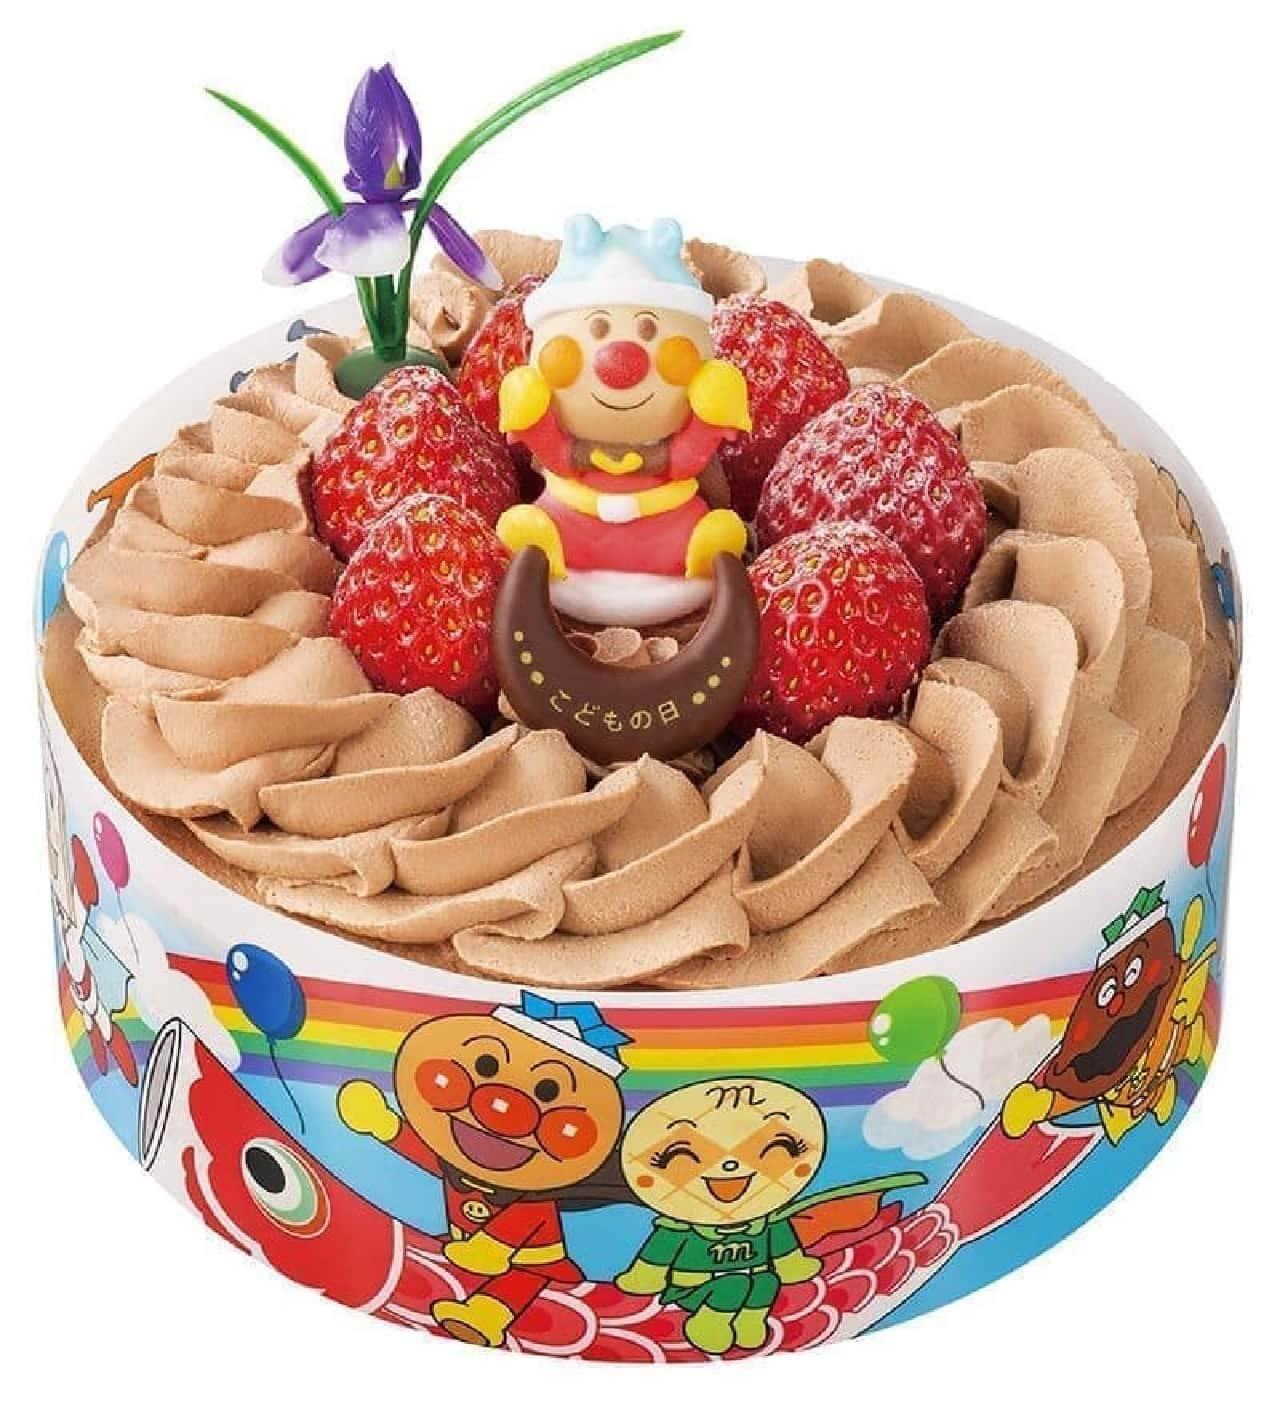 不二家洋菓子店「それいけ!アンパンマン苺のチョコショートケーキ」